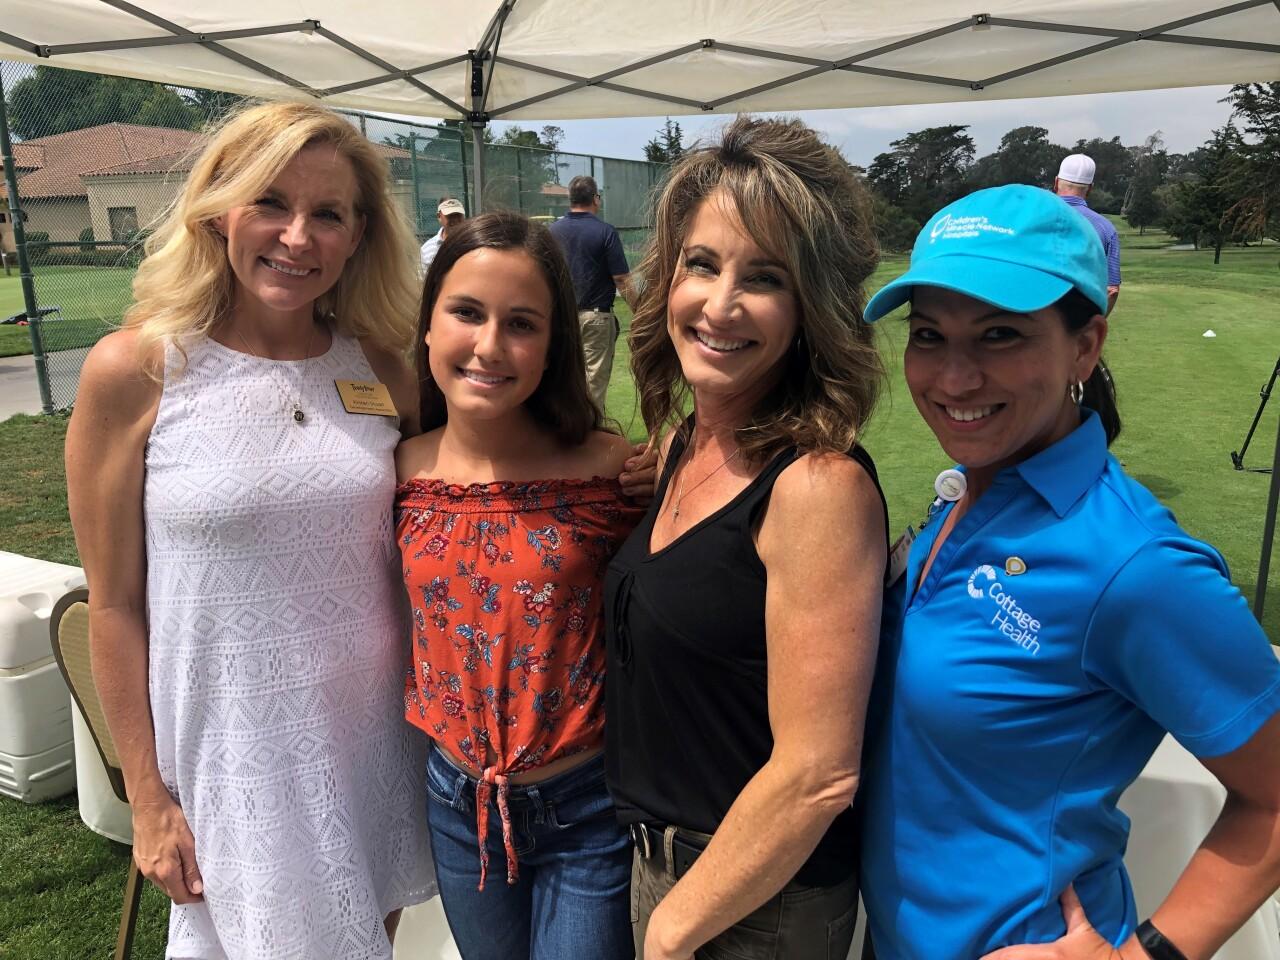 From left: Kristen, Faith, Laura, Ann